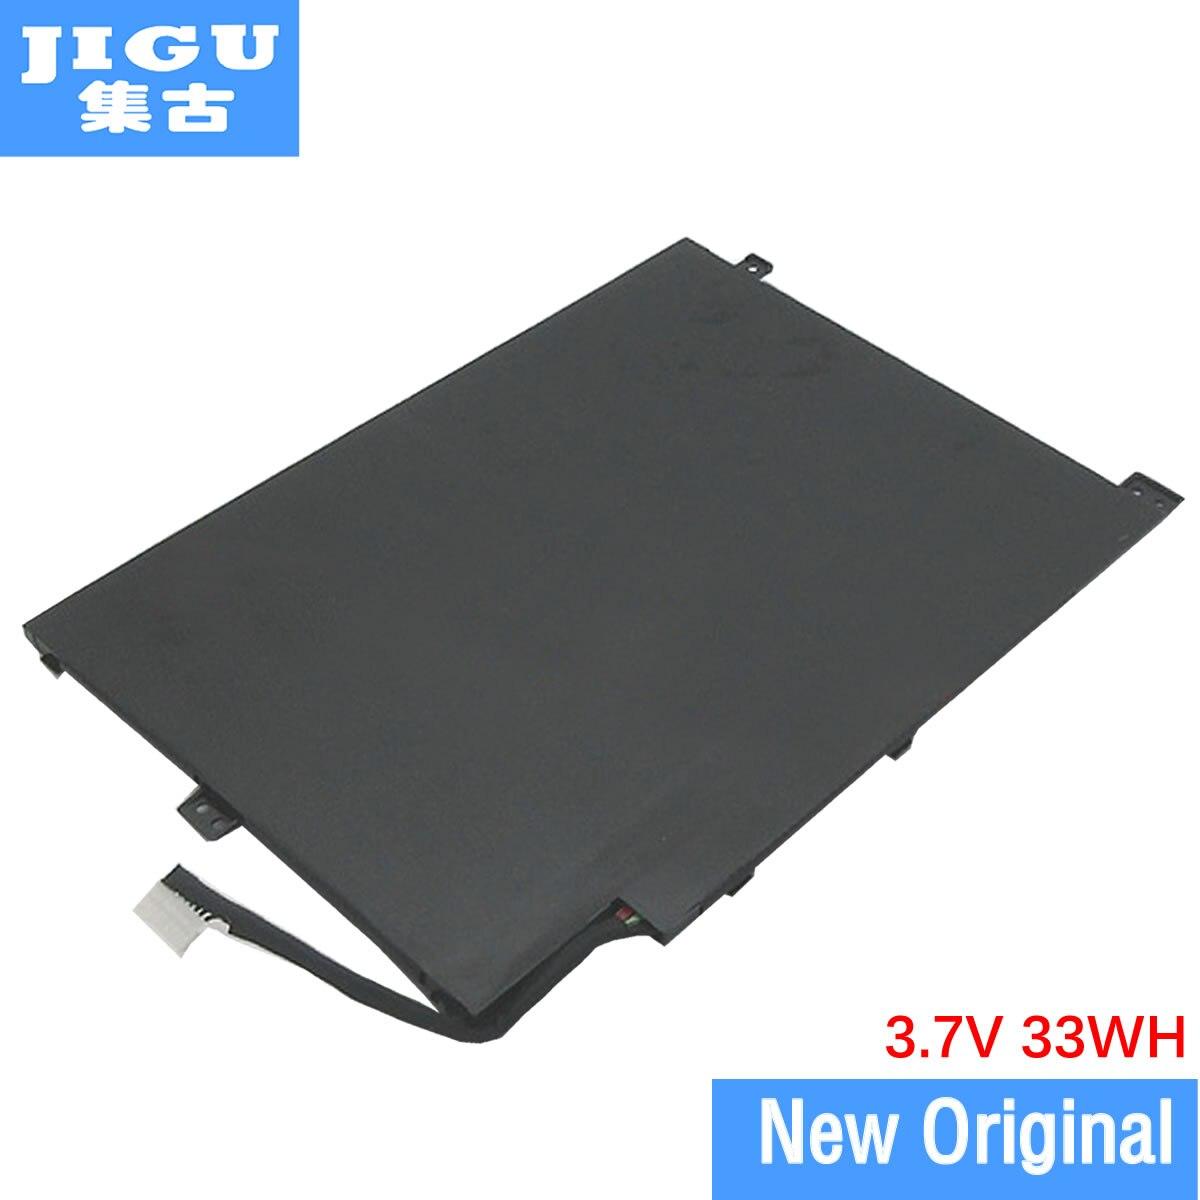 Batterie originale de tablette de JIGU pour LENOVO 42N1731 45N1730 3.7 V 33WH